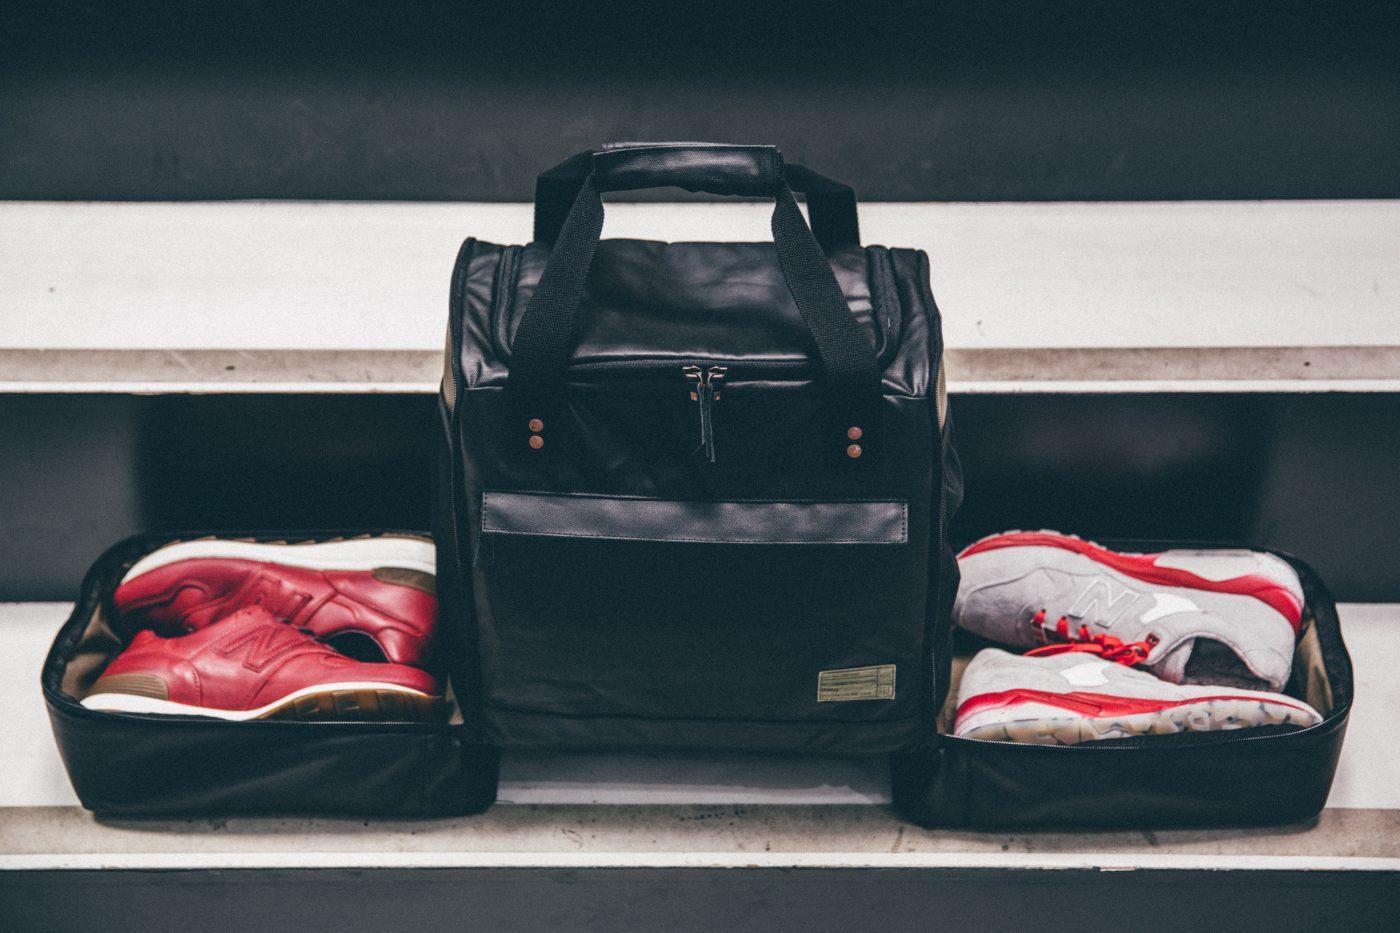 HEX-Sneaker-Duffel-02